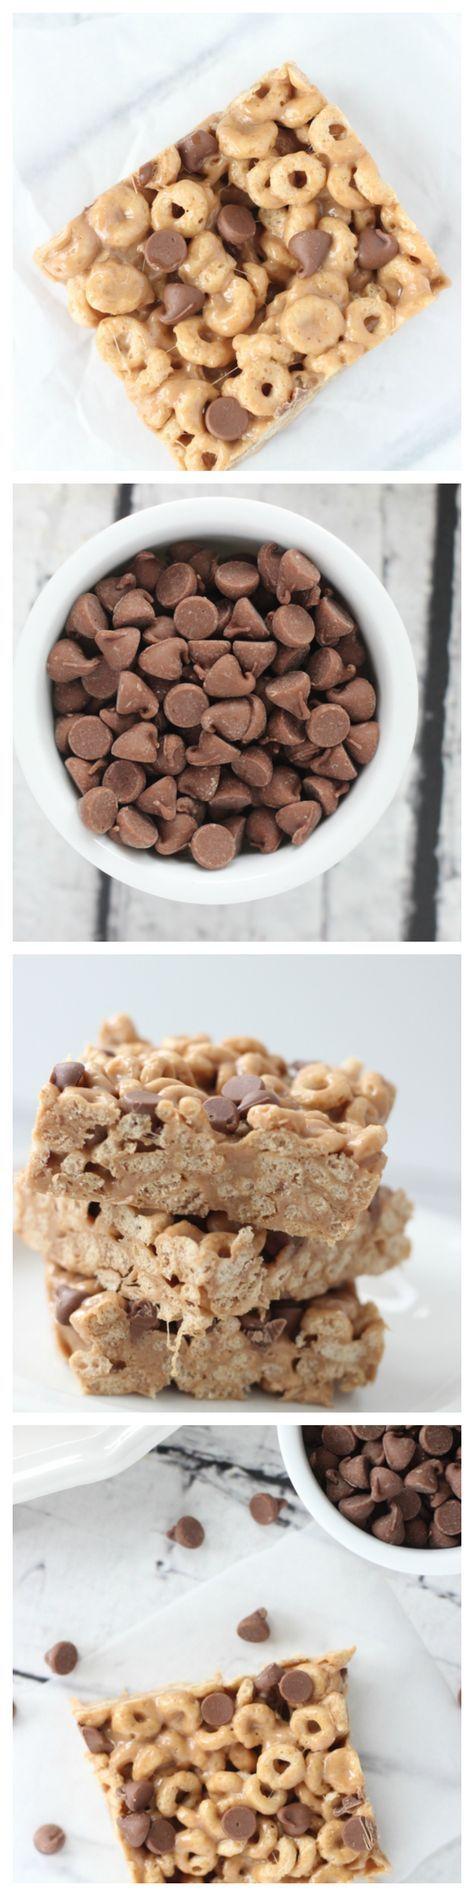 Peanut Butter Cheerio Bars                                                                                                                                                                                 More